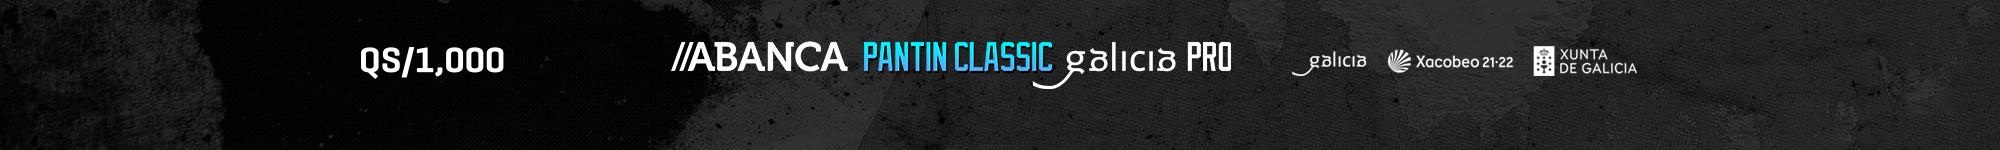 ABANCA Pantin Classic Galicia Pro 2021